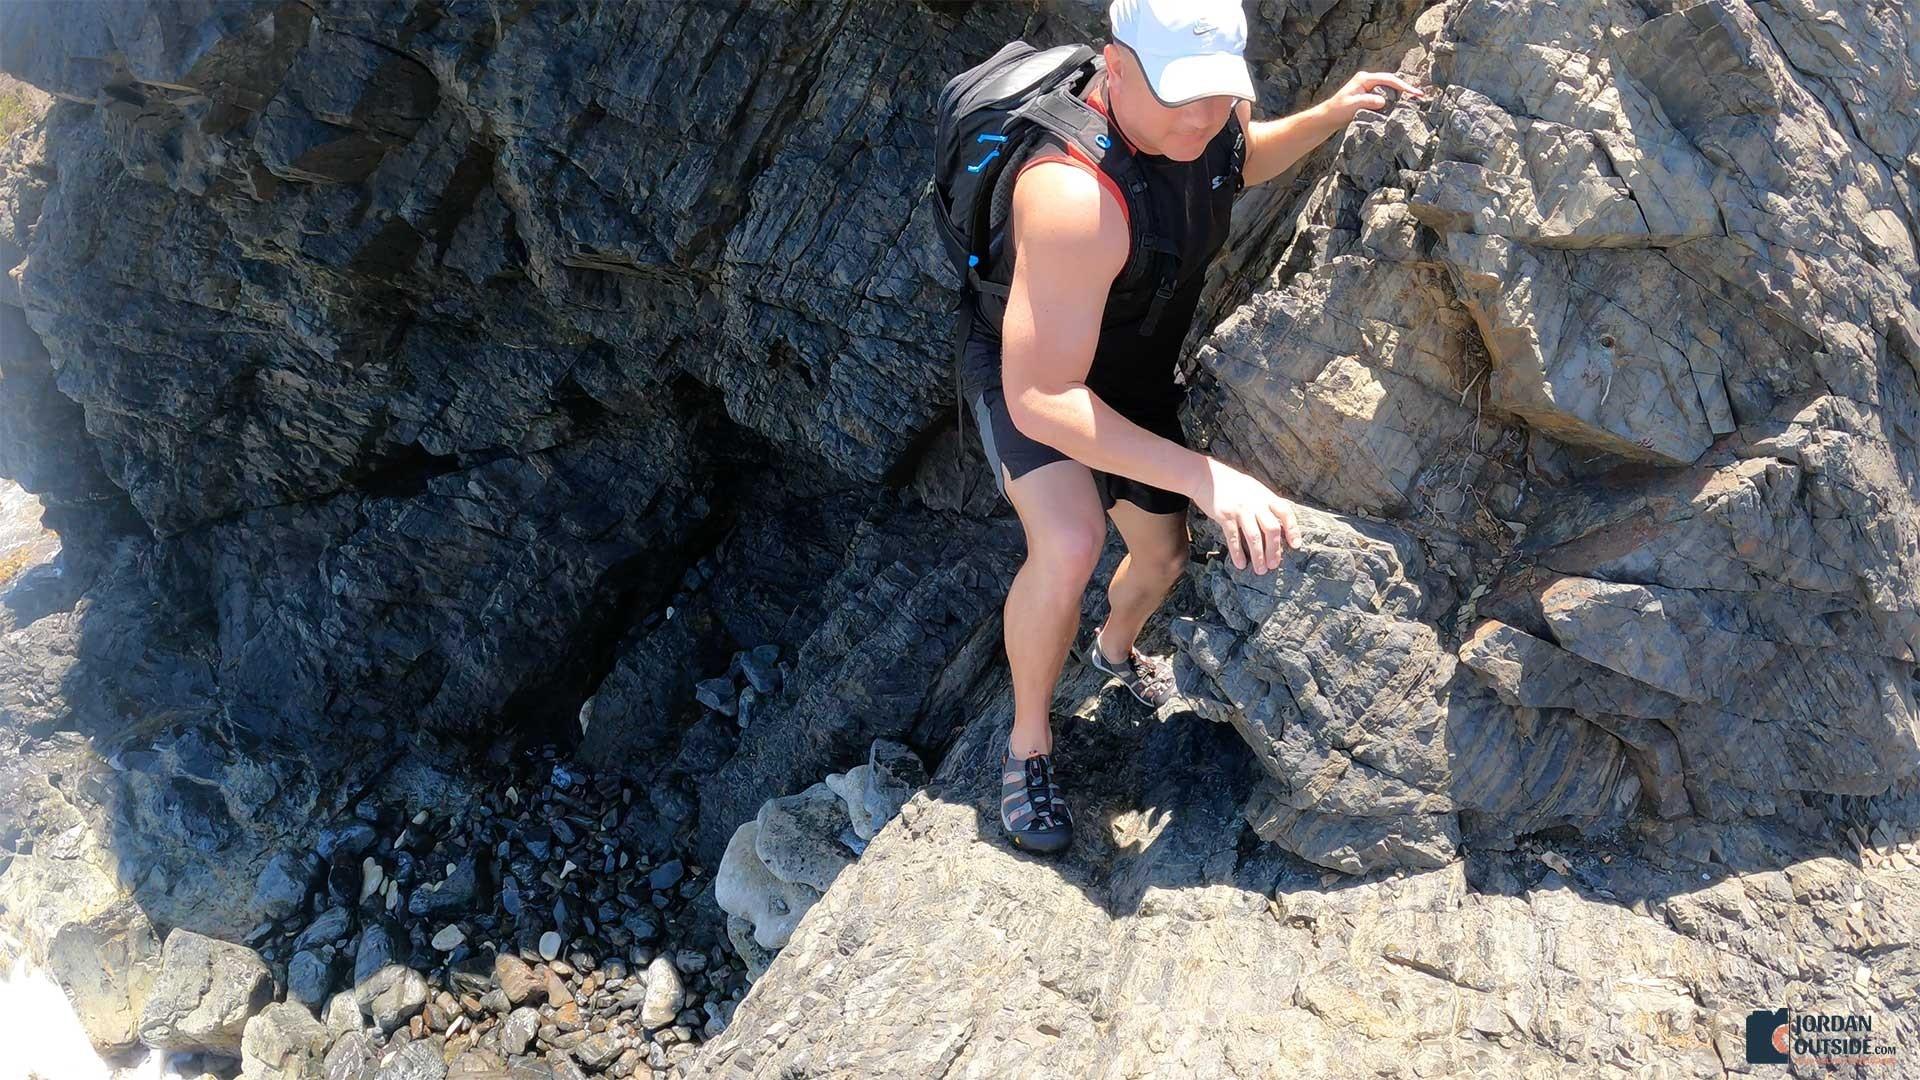 Jordan Climbing Rocks at Annaly Bay Tide Pools